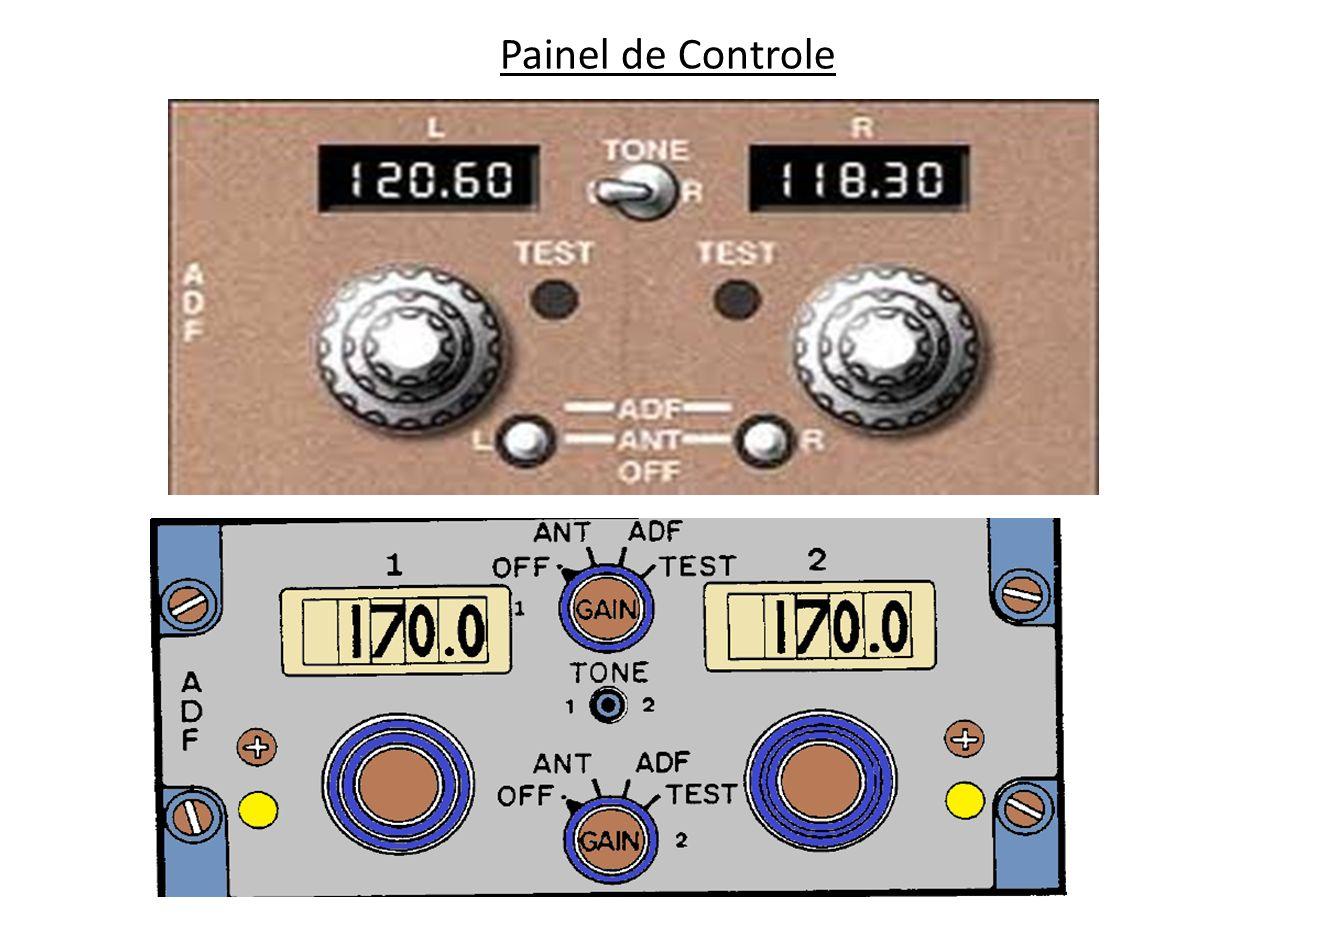 SISTEMA ATC (AIR TRAFFIC CONTROL) TRANSPONDER, é utilizado em conjunto com o radar de observação de terra, com a finalidade de fornecer uma identificação positiva da aeronave na tela de radar do controlador.